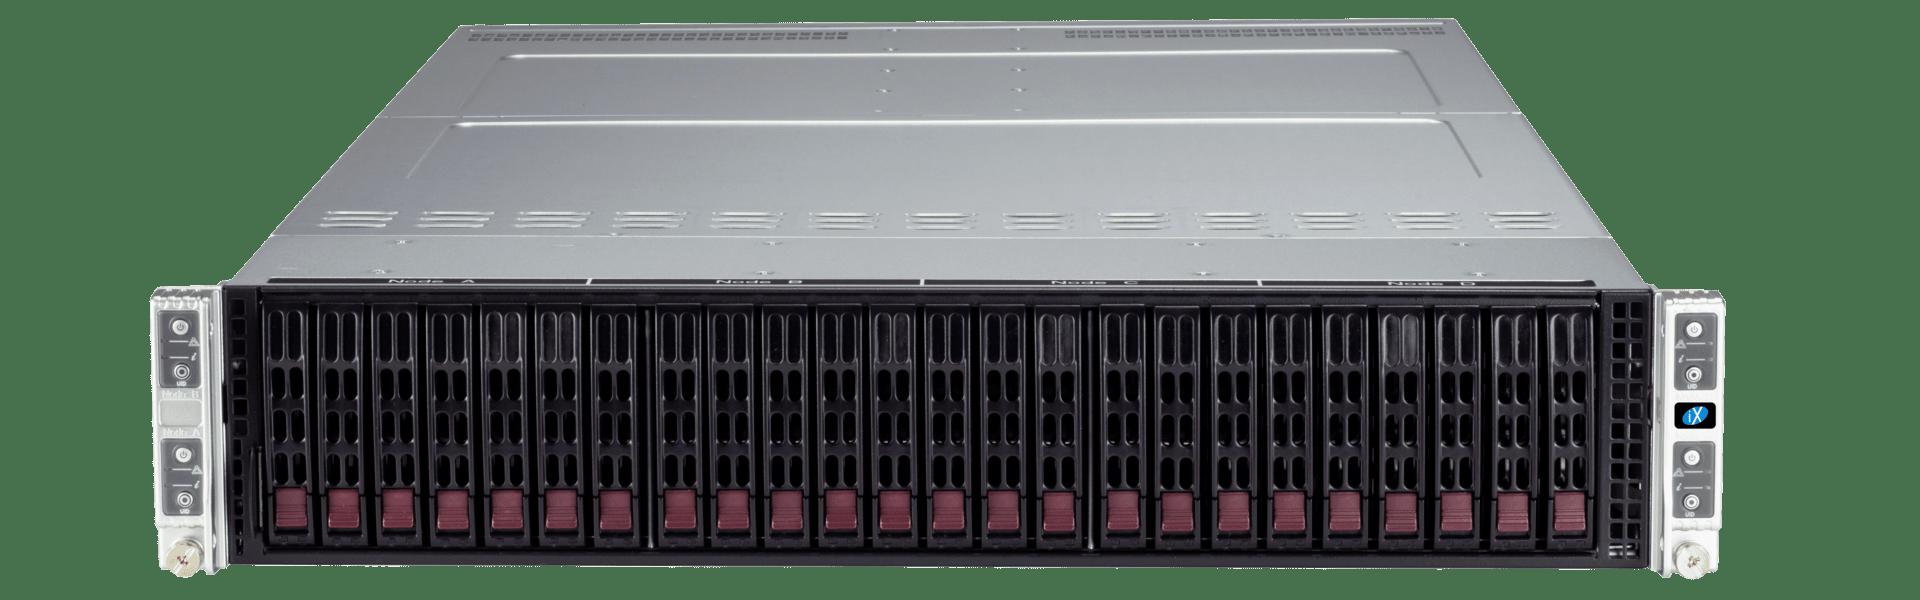 iX-22X424IN Front